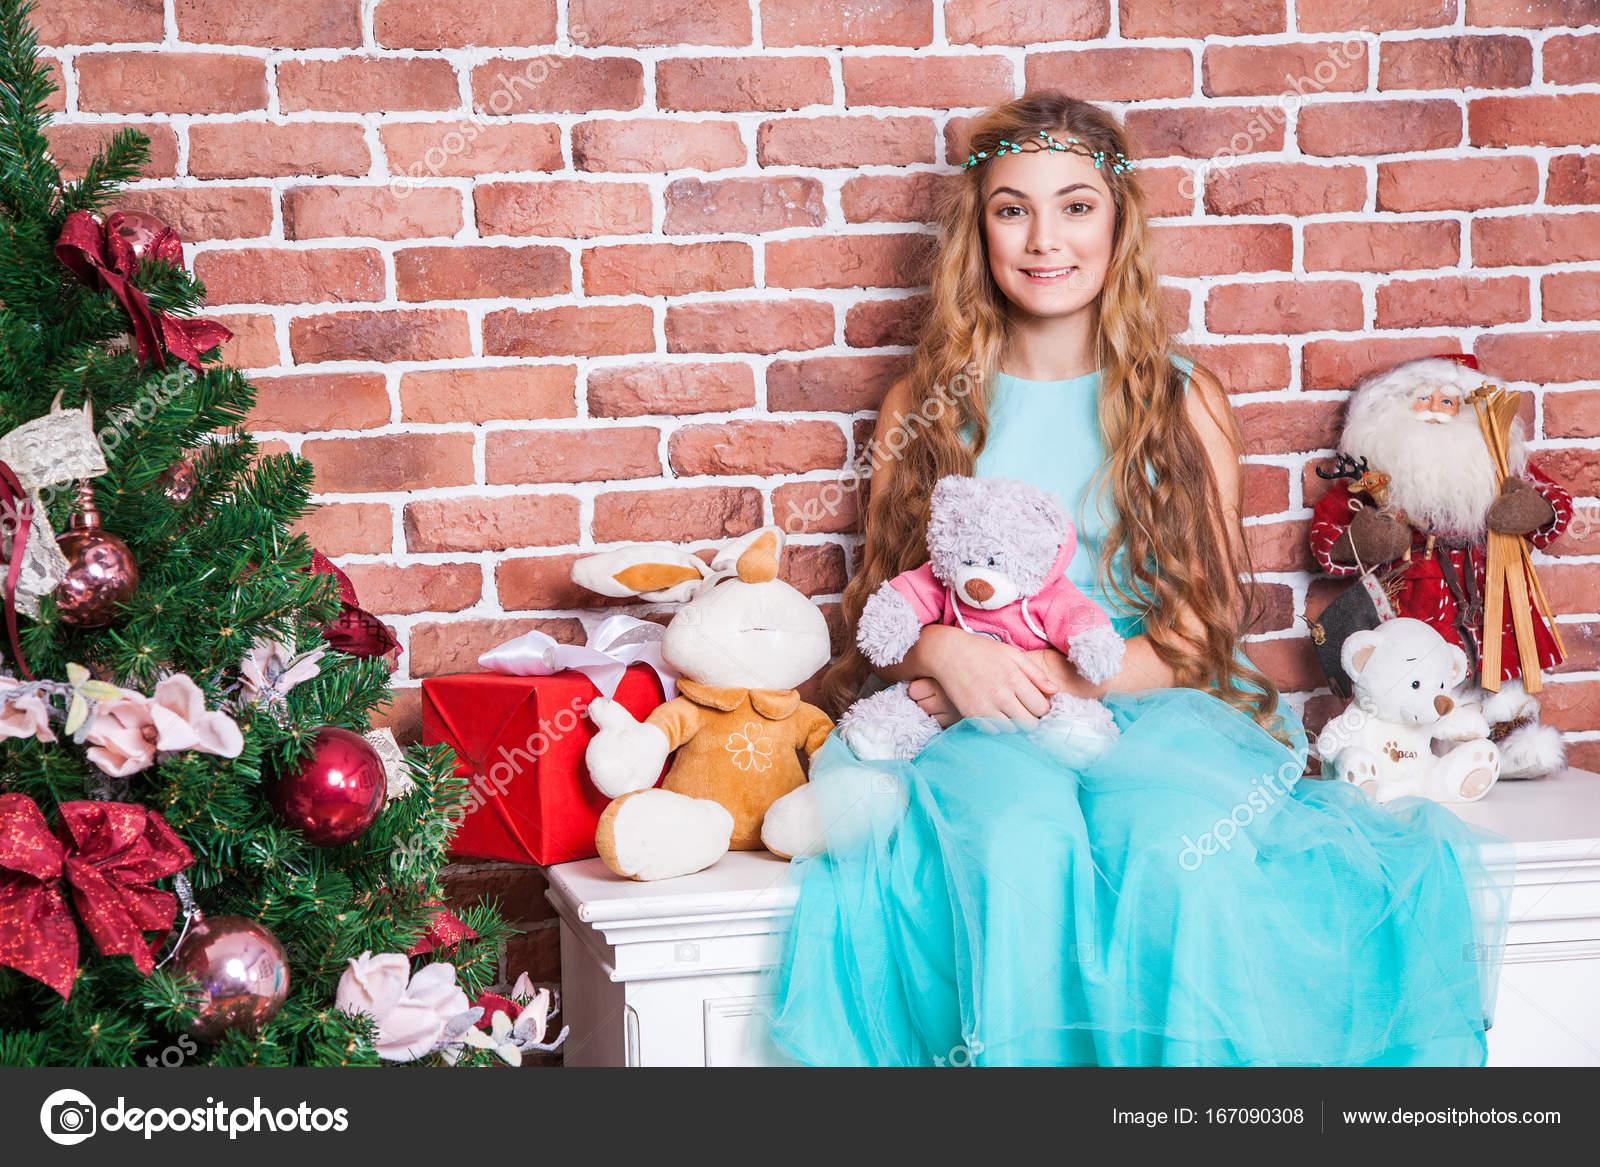 Famoso Ideas De Vestir Fiesta De Navidad 2014 Adorno - Colección de ...